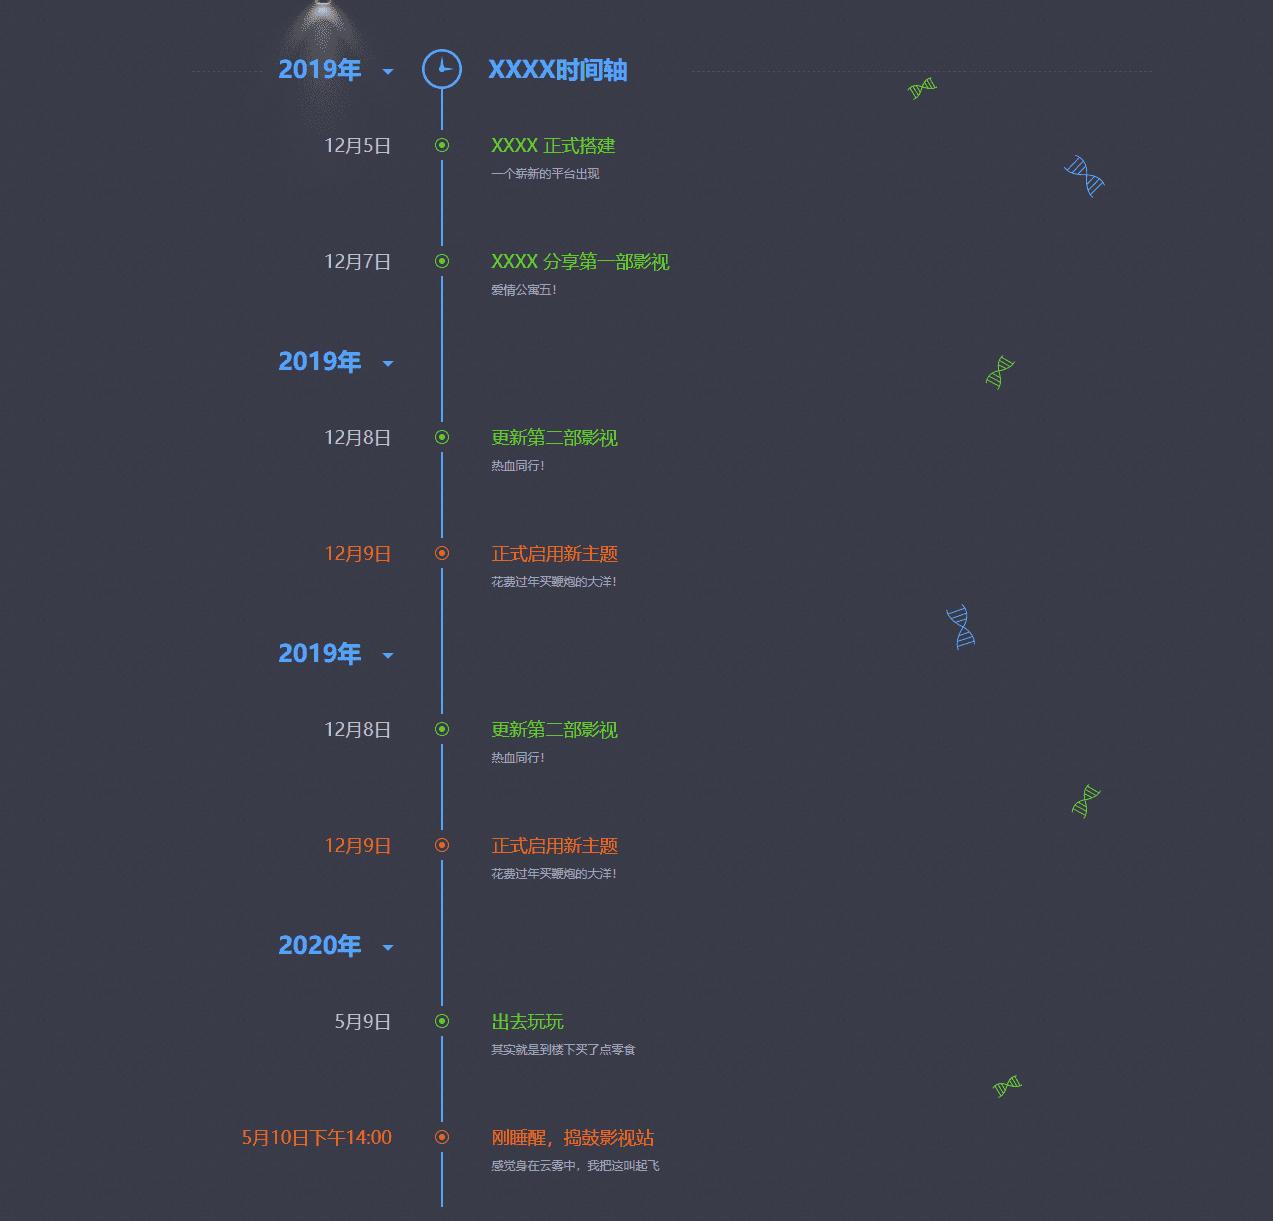 网站发展历史轨迹记录单页HTML源码 第1张